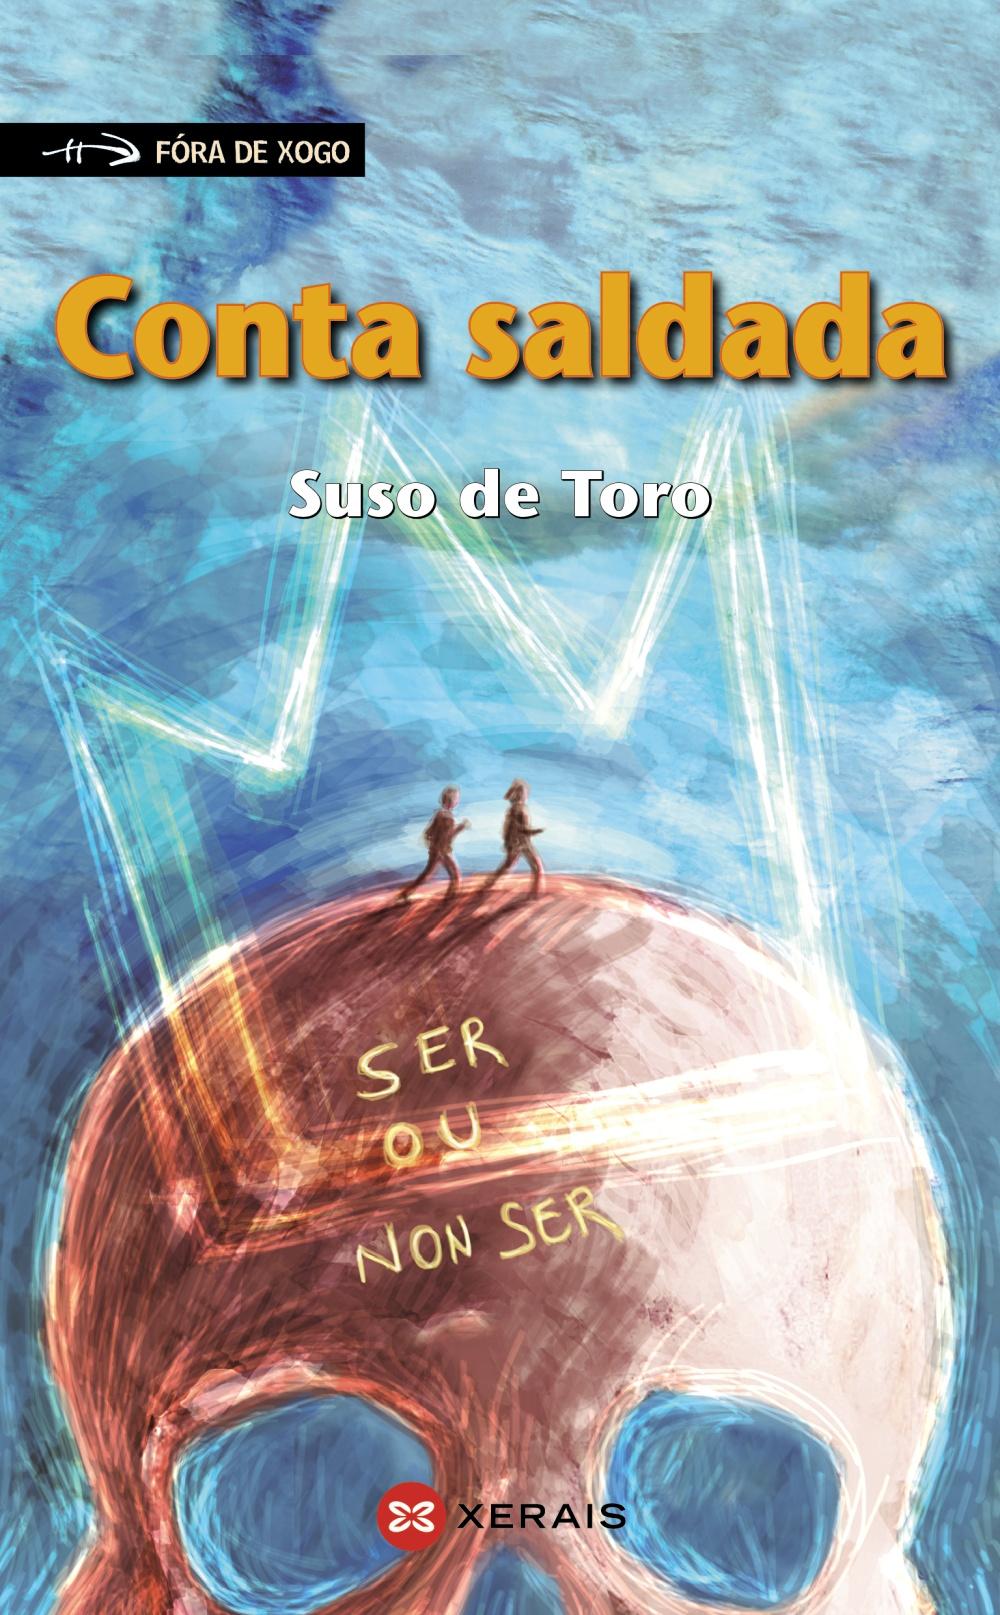 Conta saldada (ebook)